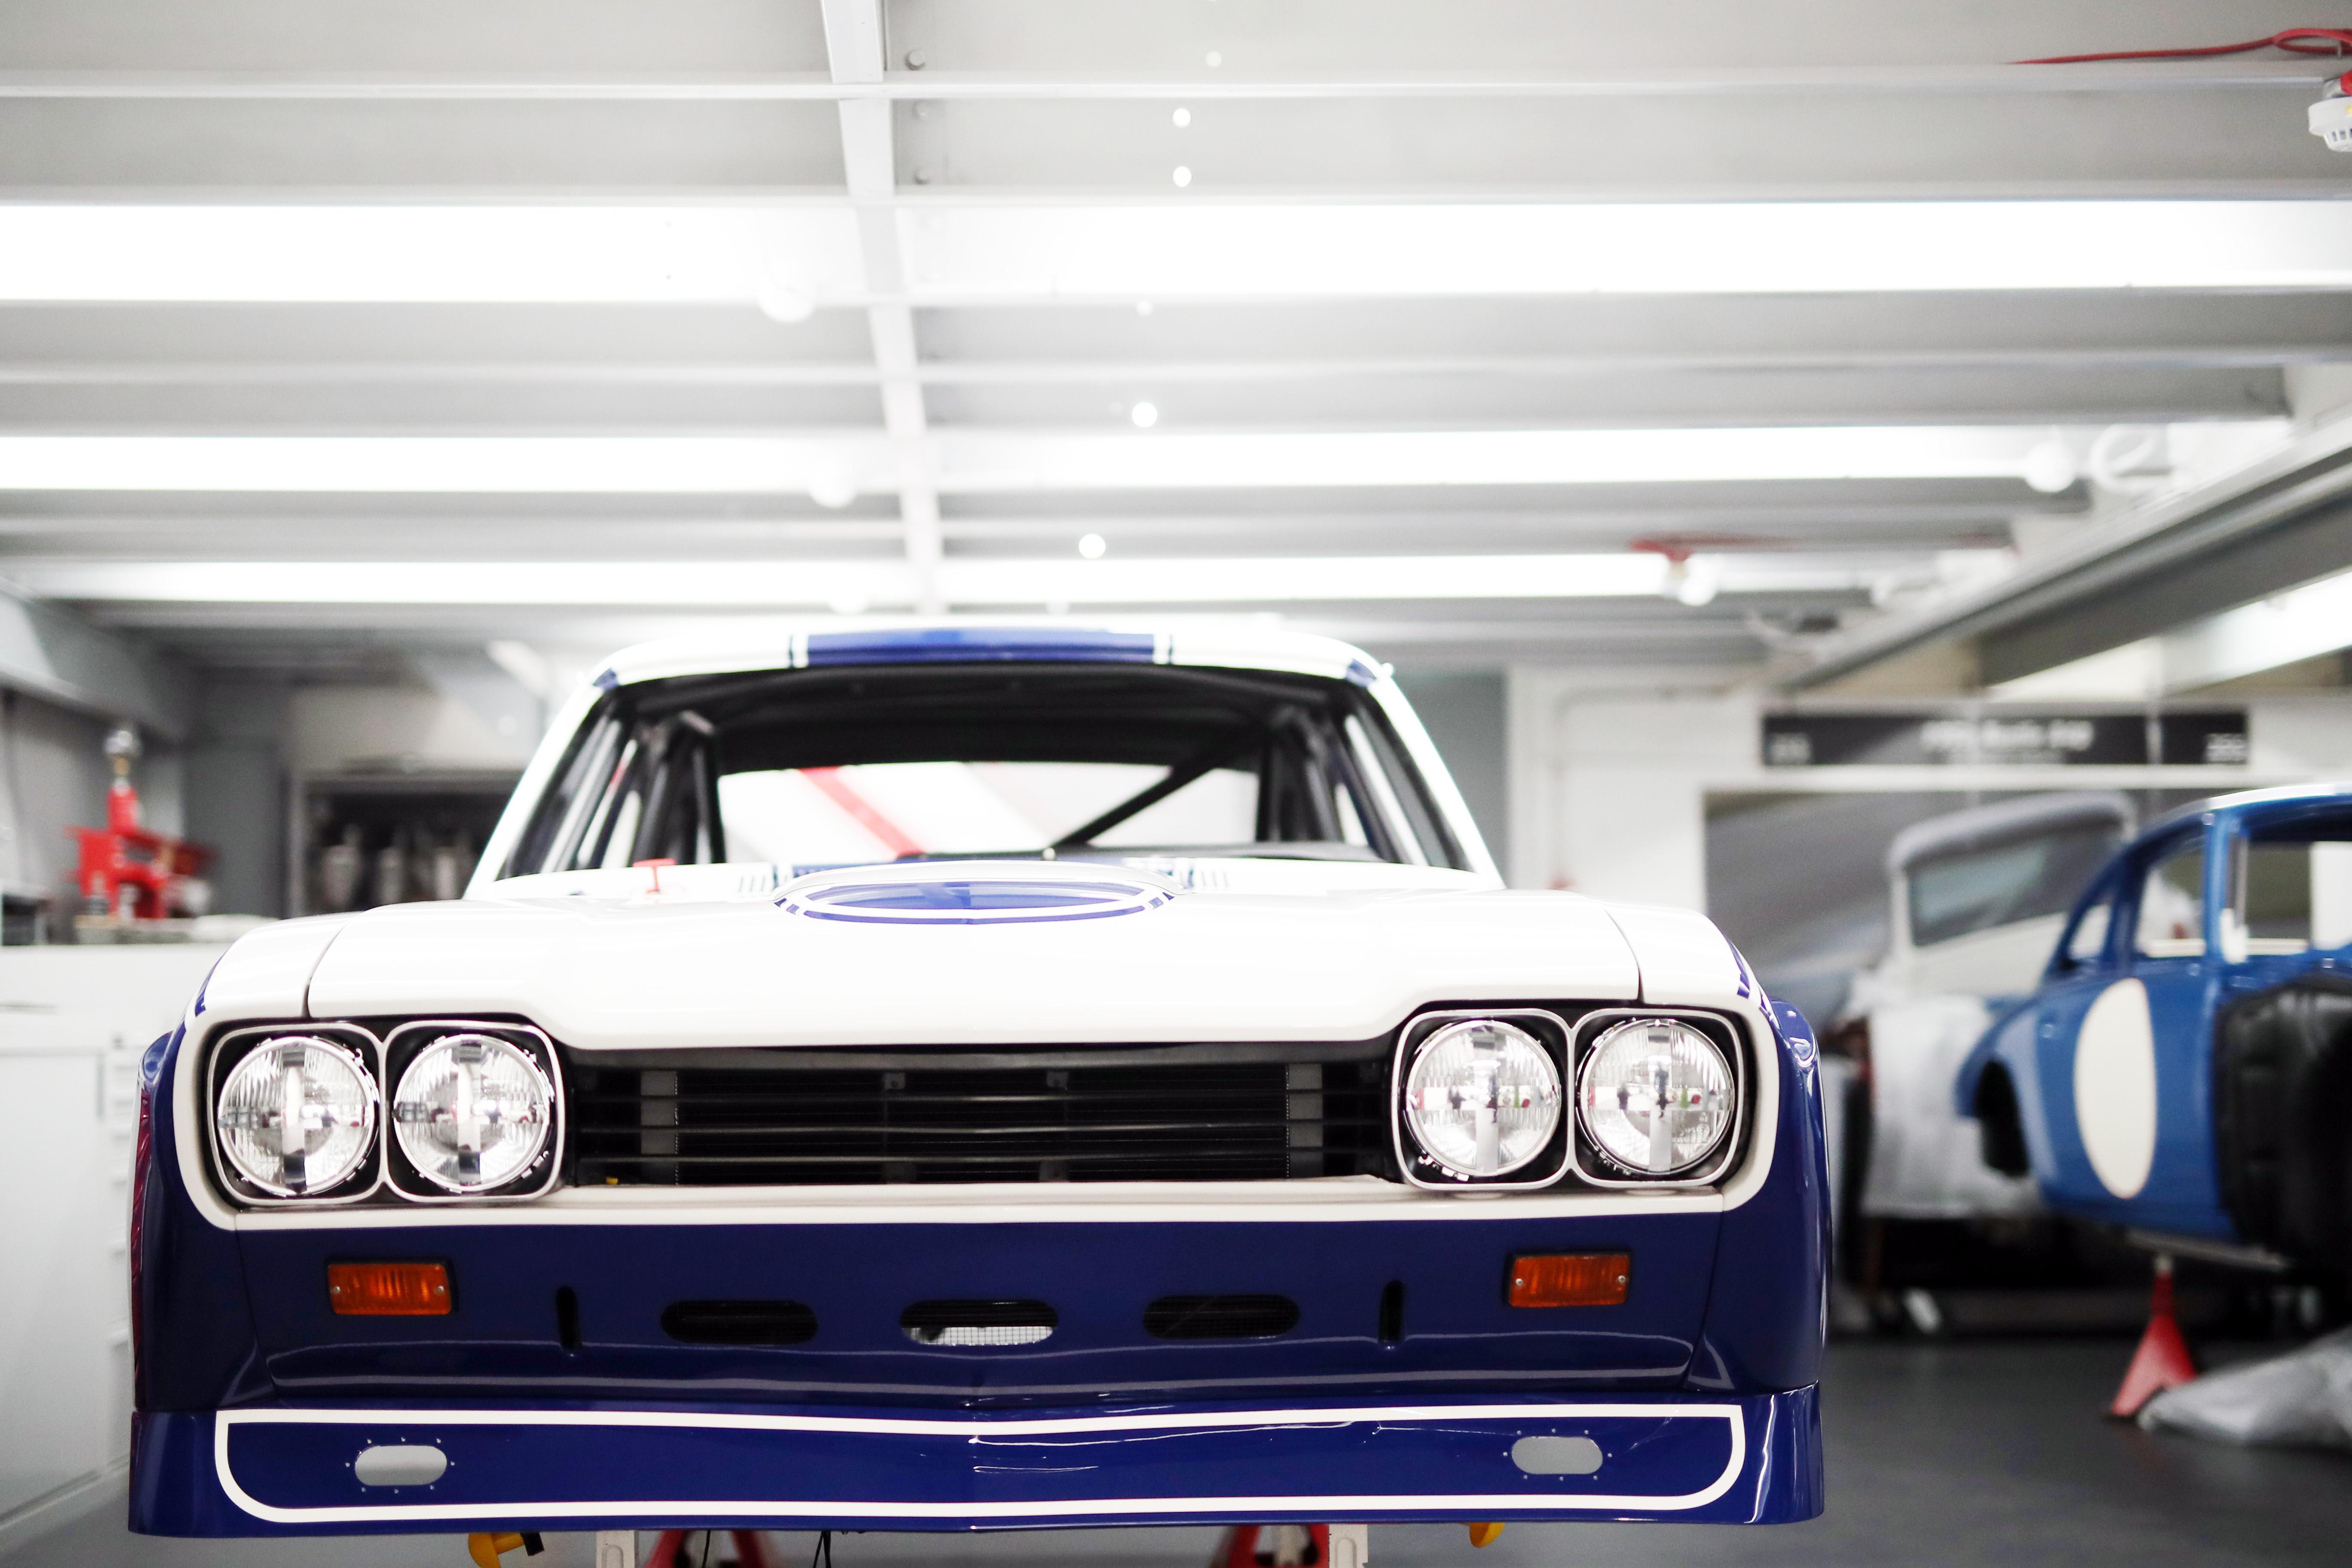 Das Interesse am Classic Cars Business steigt weiter an. Woran liegt das deiner Meinung nach?